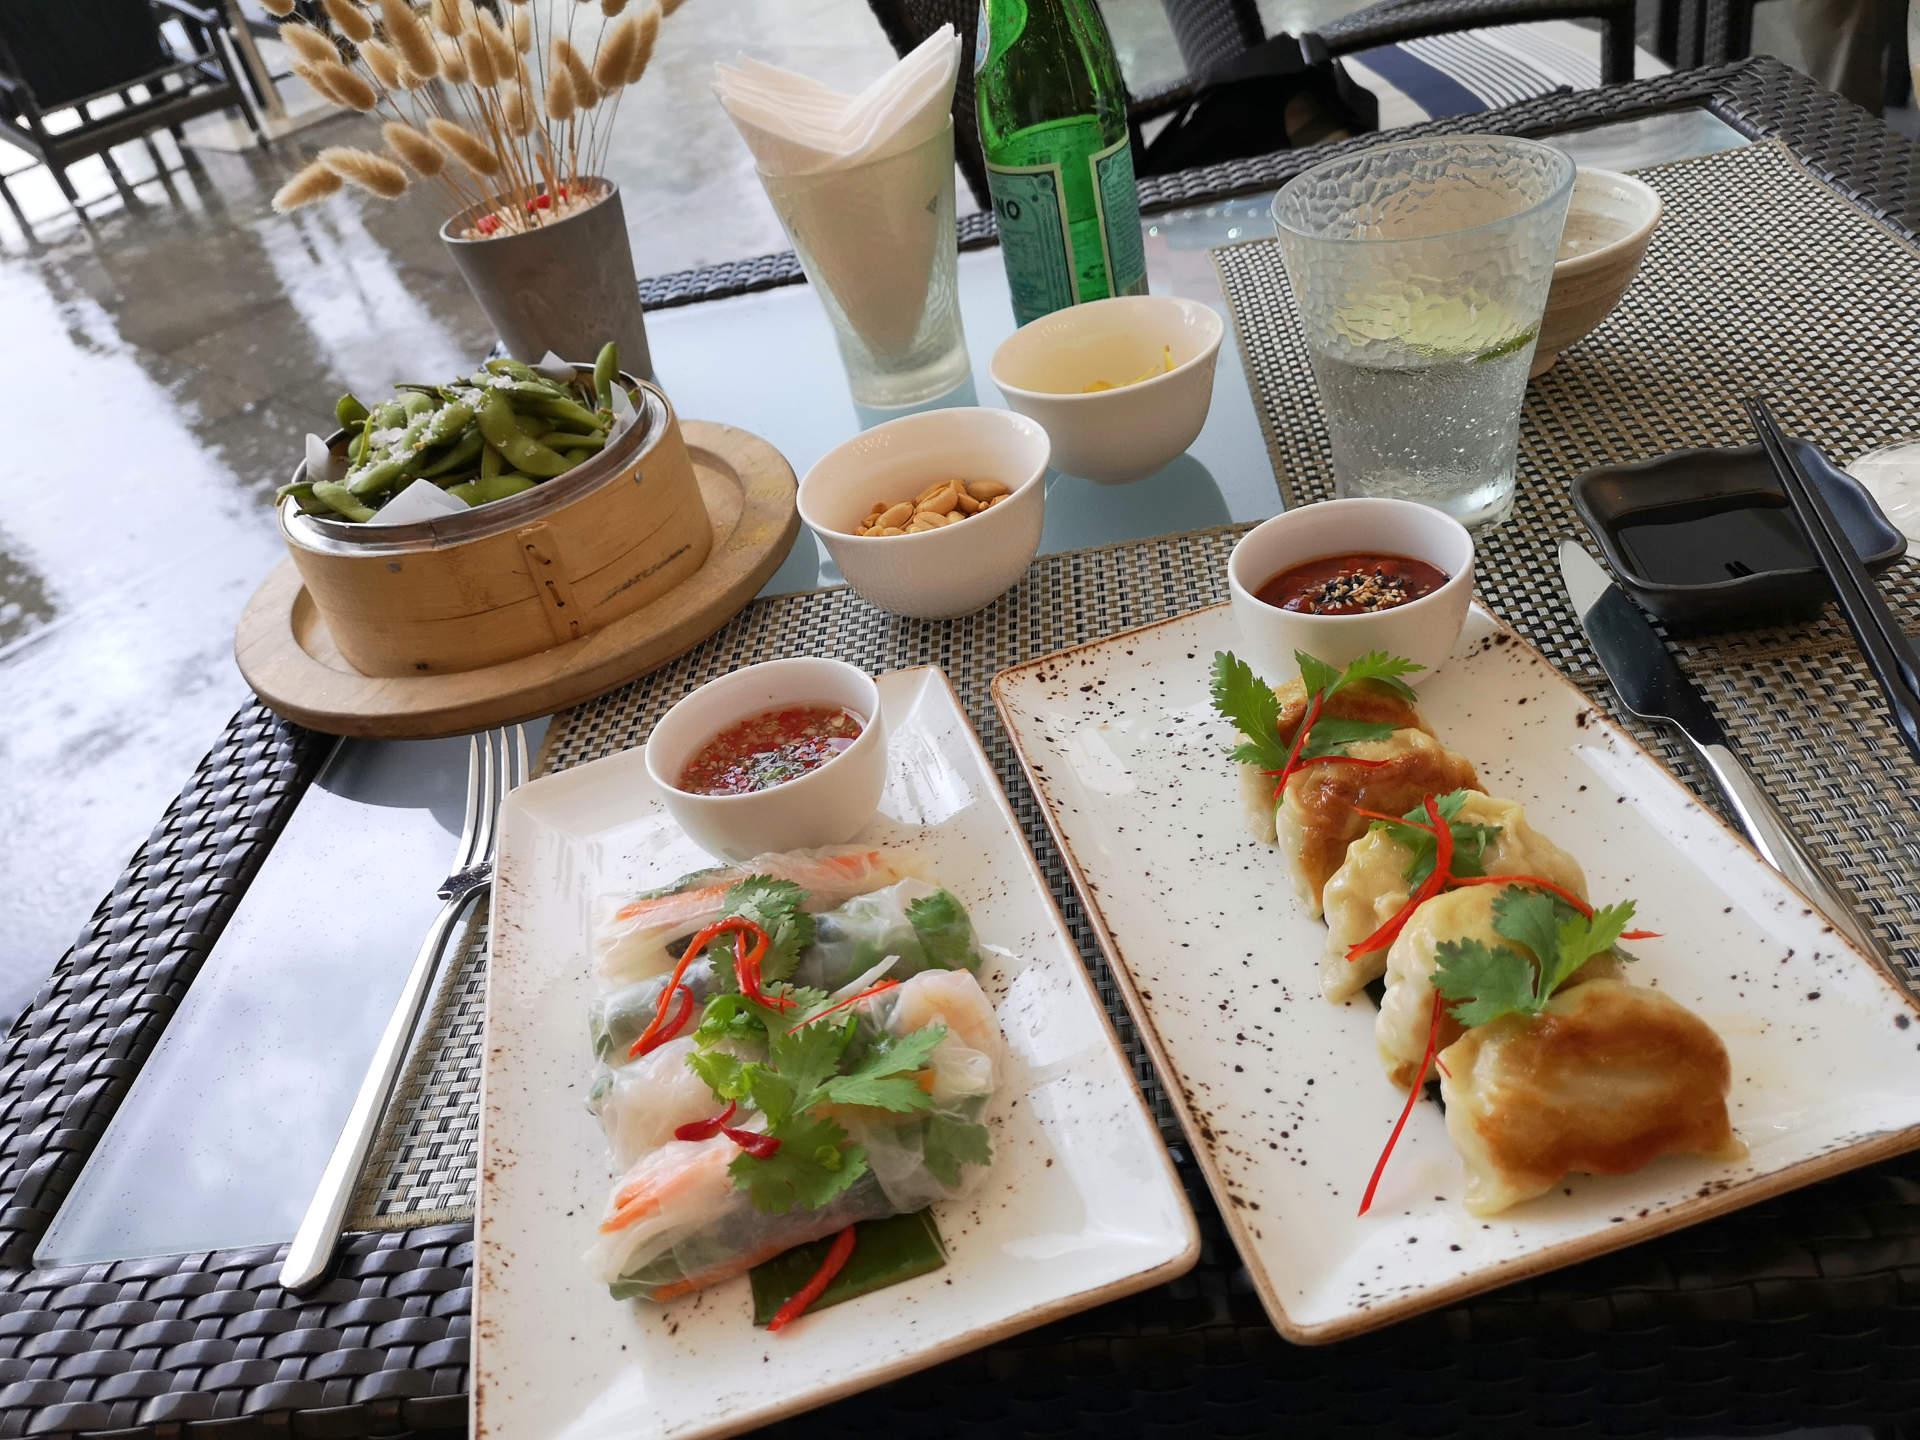 Kühle Drinks und gutes Essen in Kuala Lumpur